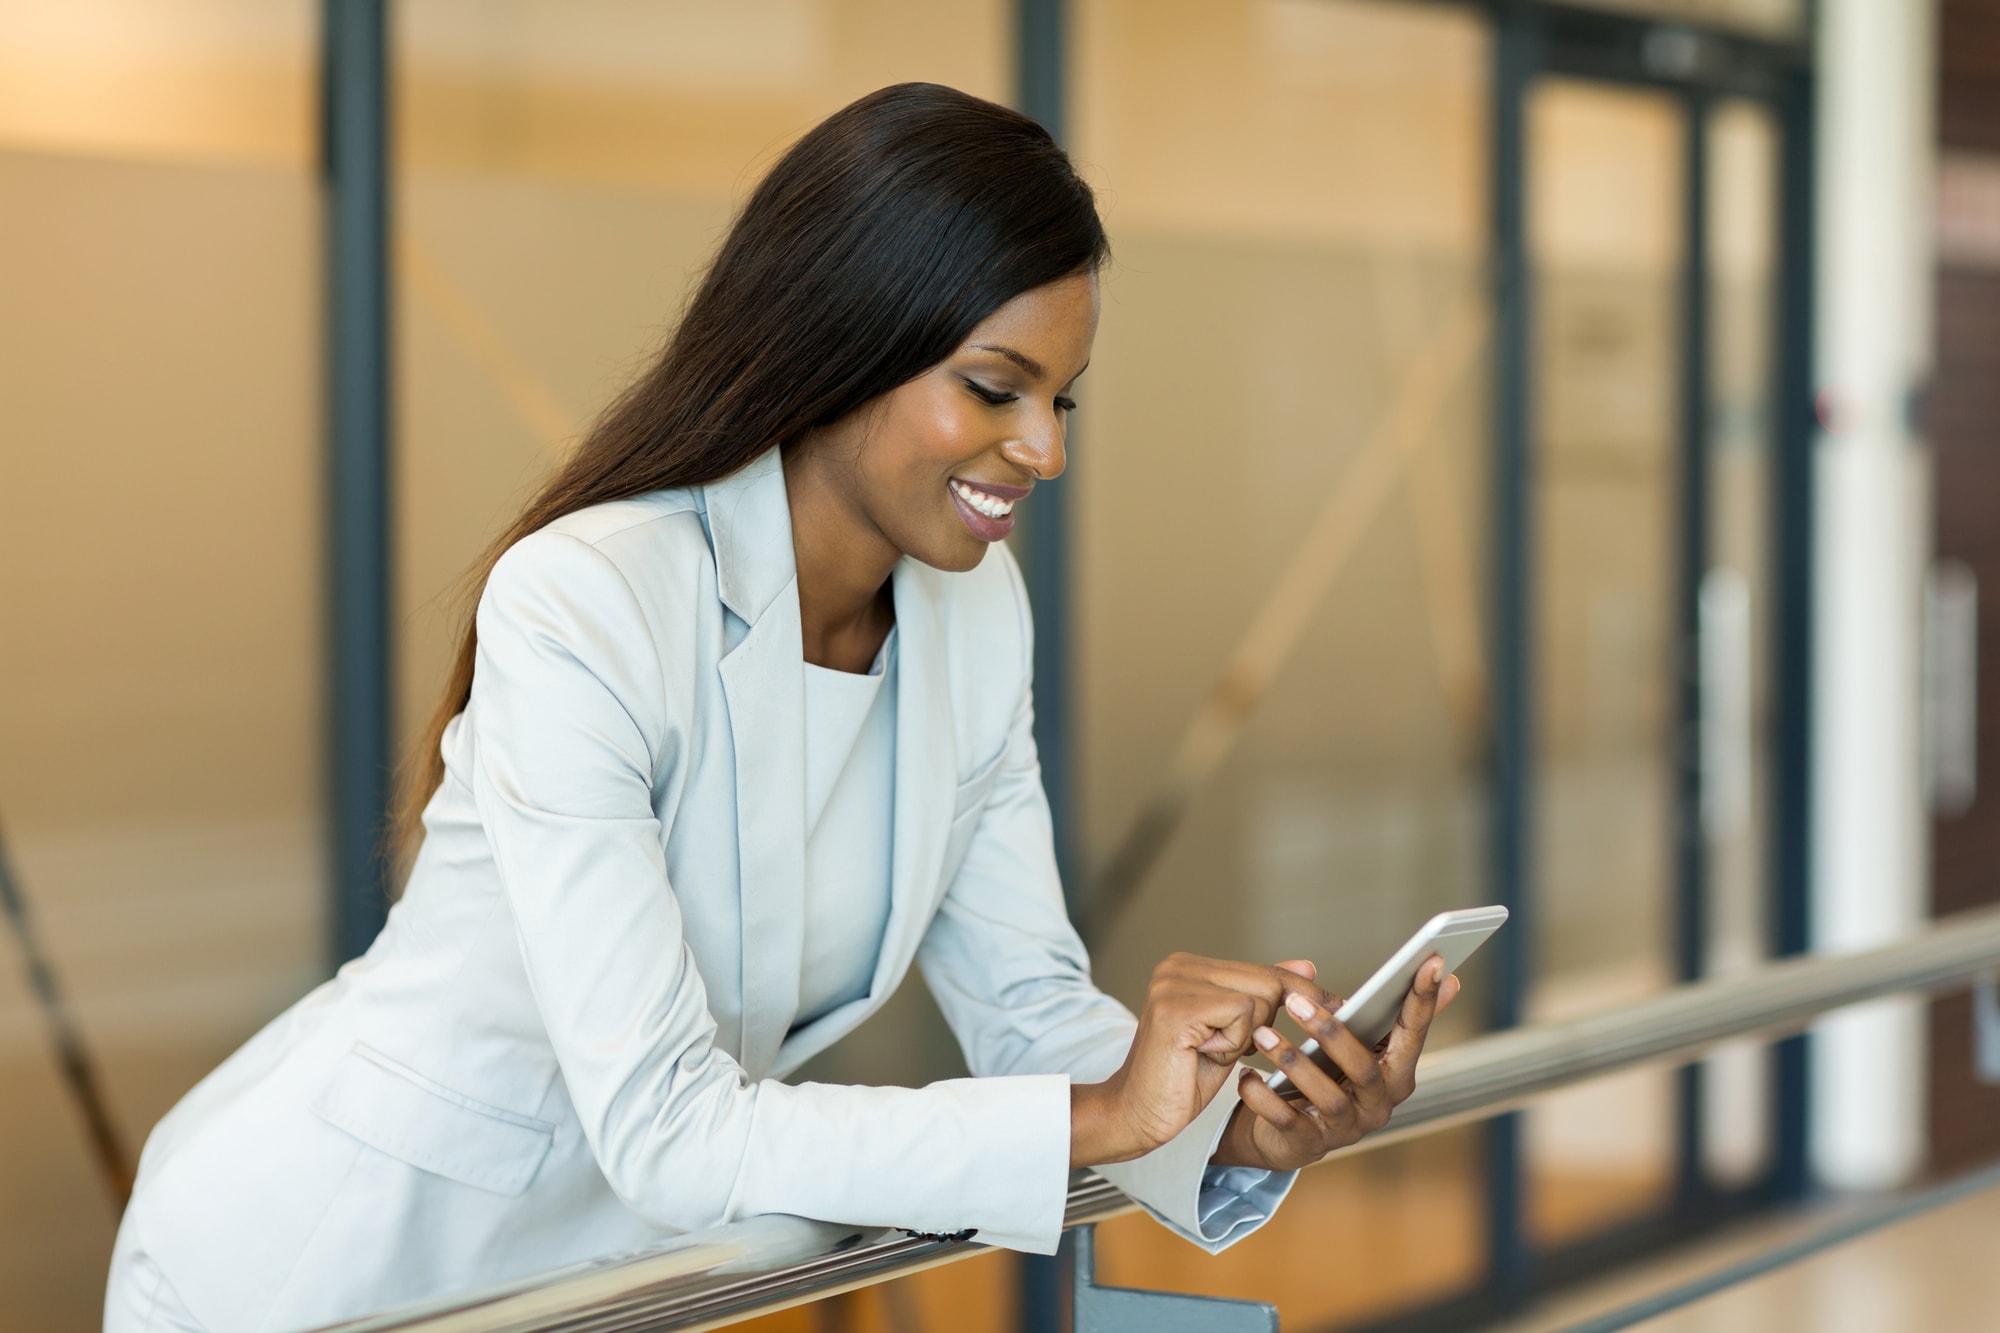 blog-saiba-como-smss-podem-te-ajudar-a-trazer-um-cliente-de-volta.jpg